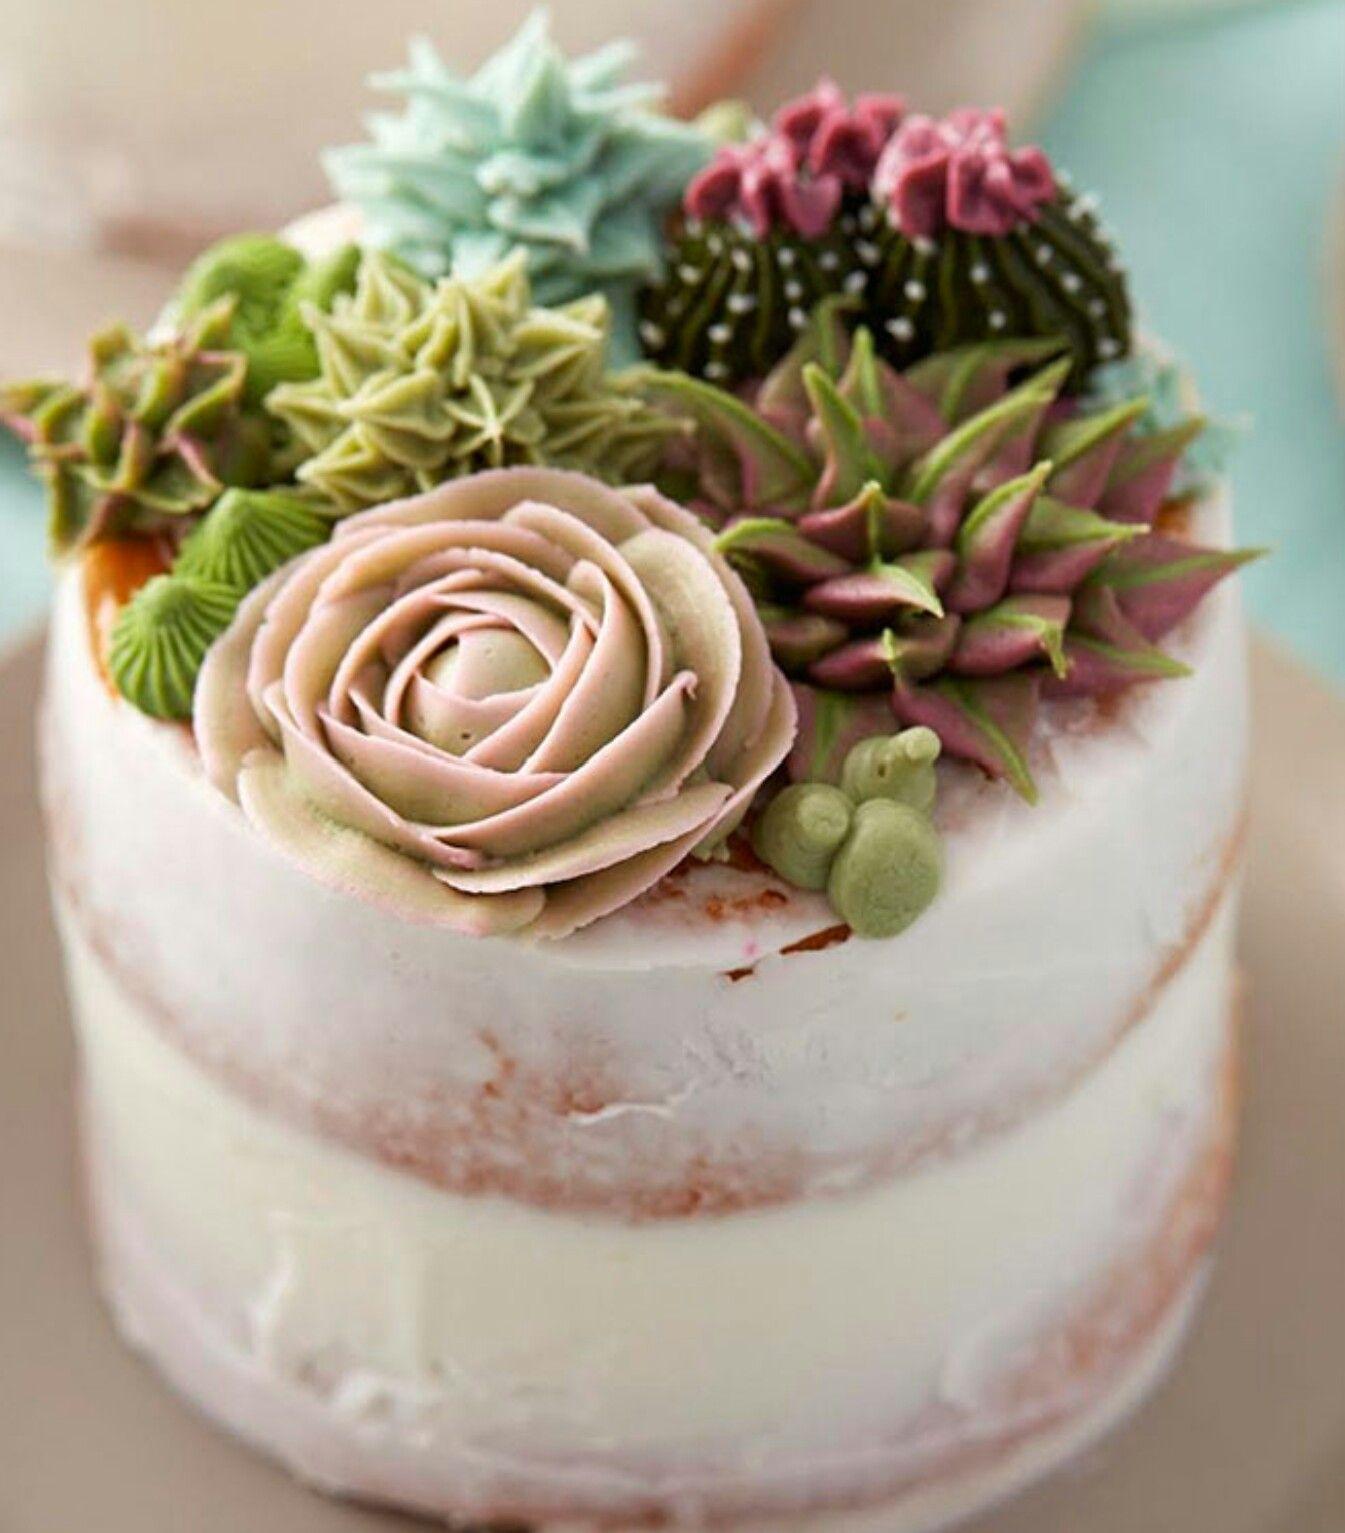 Pin de Lindsay Guilaine en cakes Pinterest Pastelitos